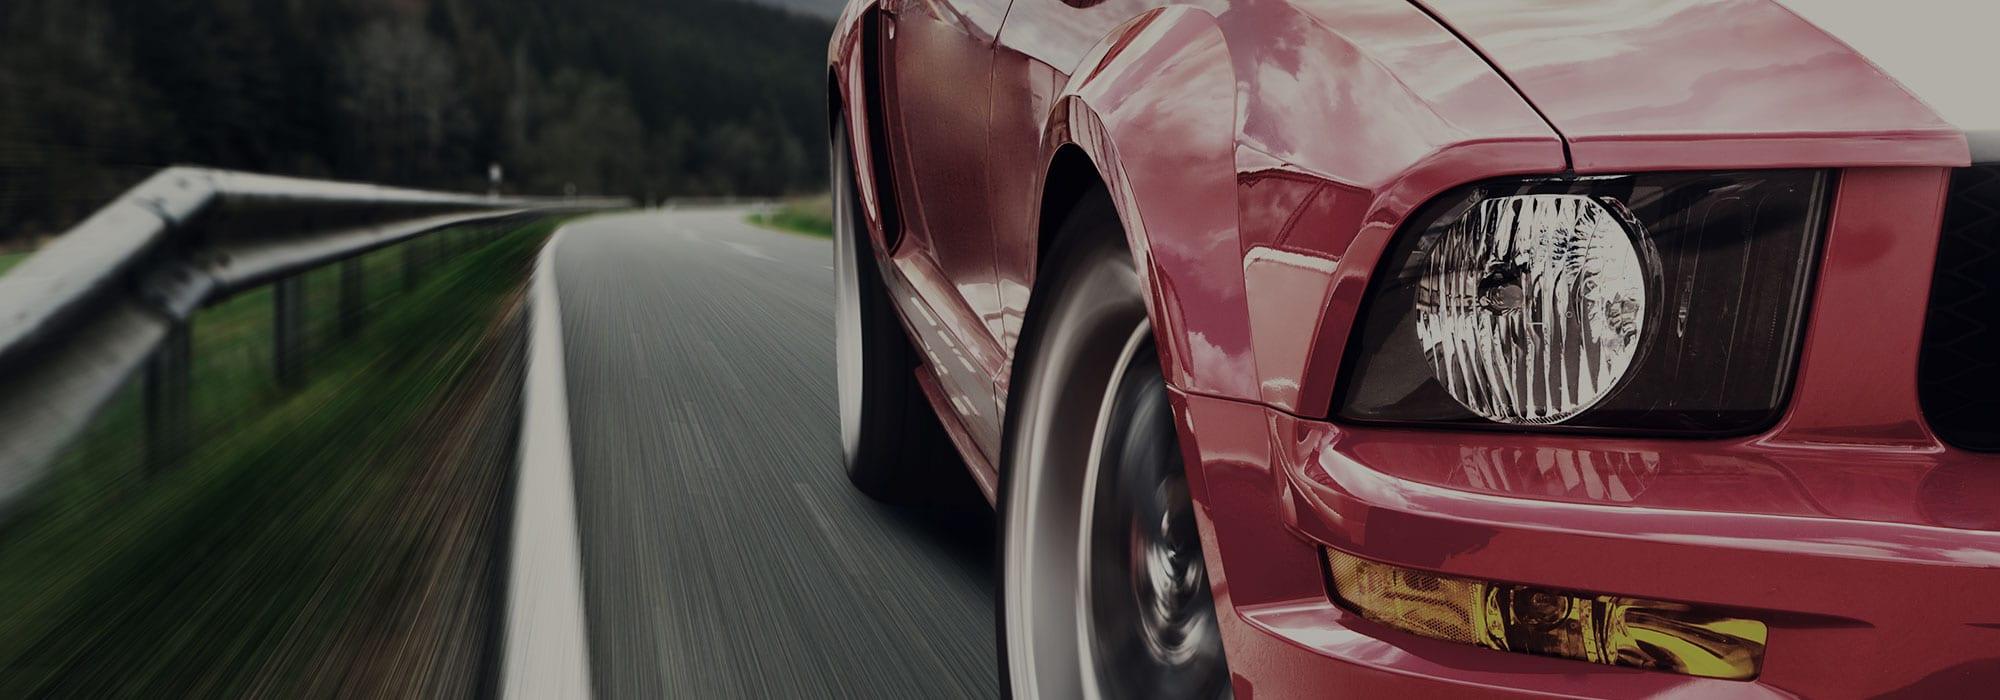 2000×700-CAR